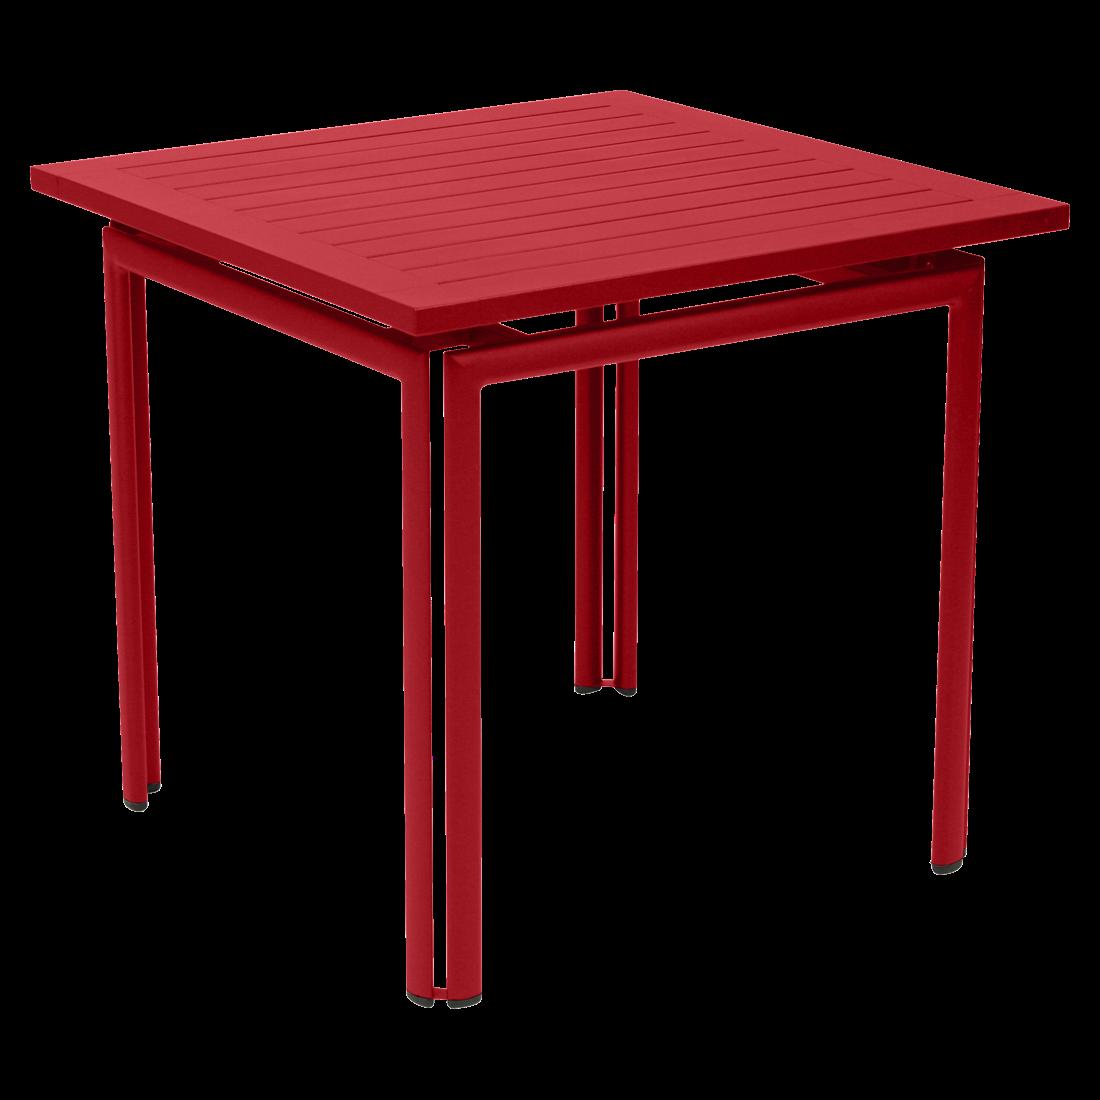 שולחן אוכל ריבועי לגינה בצבע אדום COQUELICOT